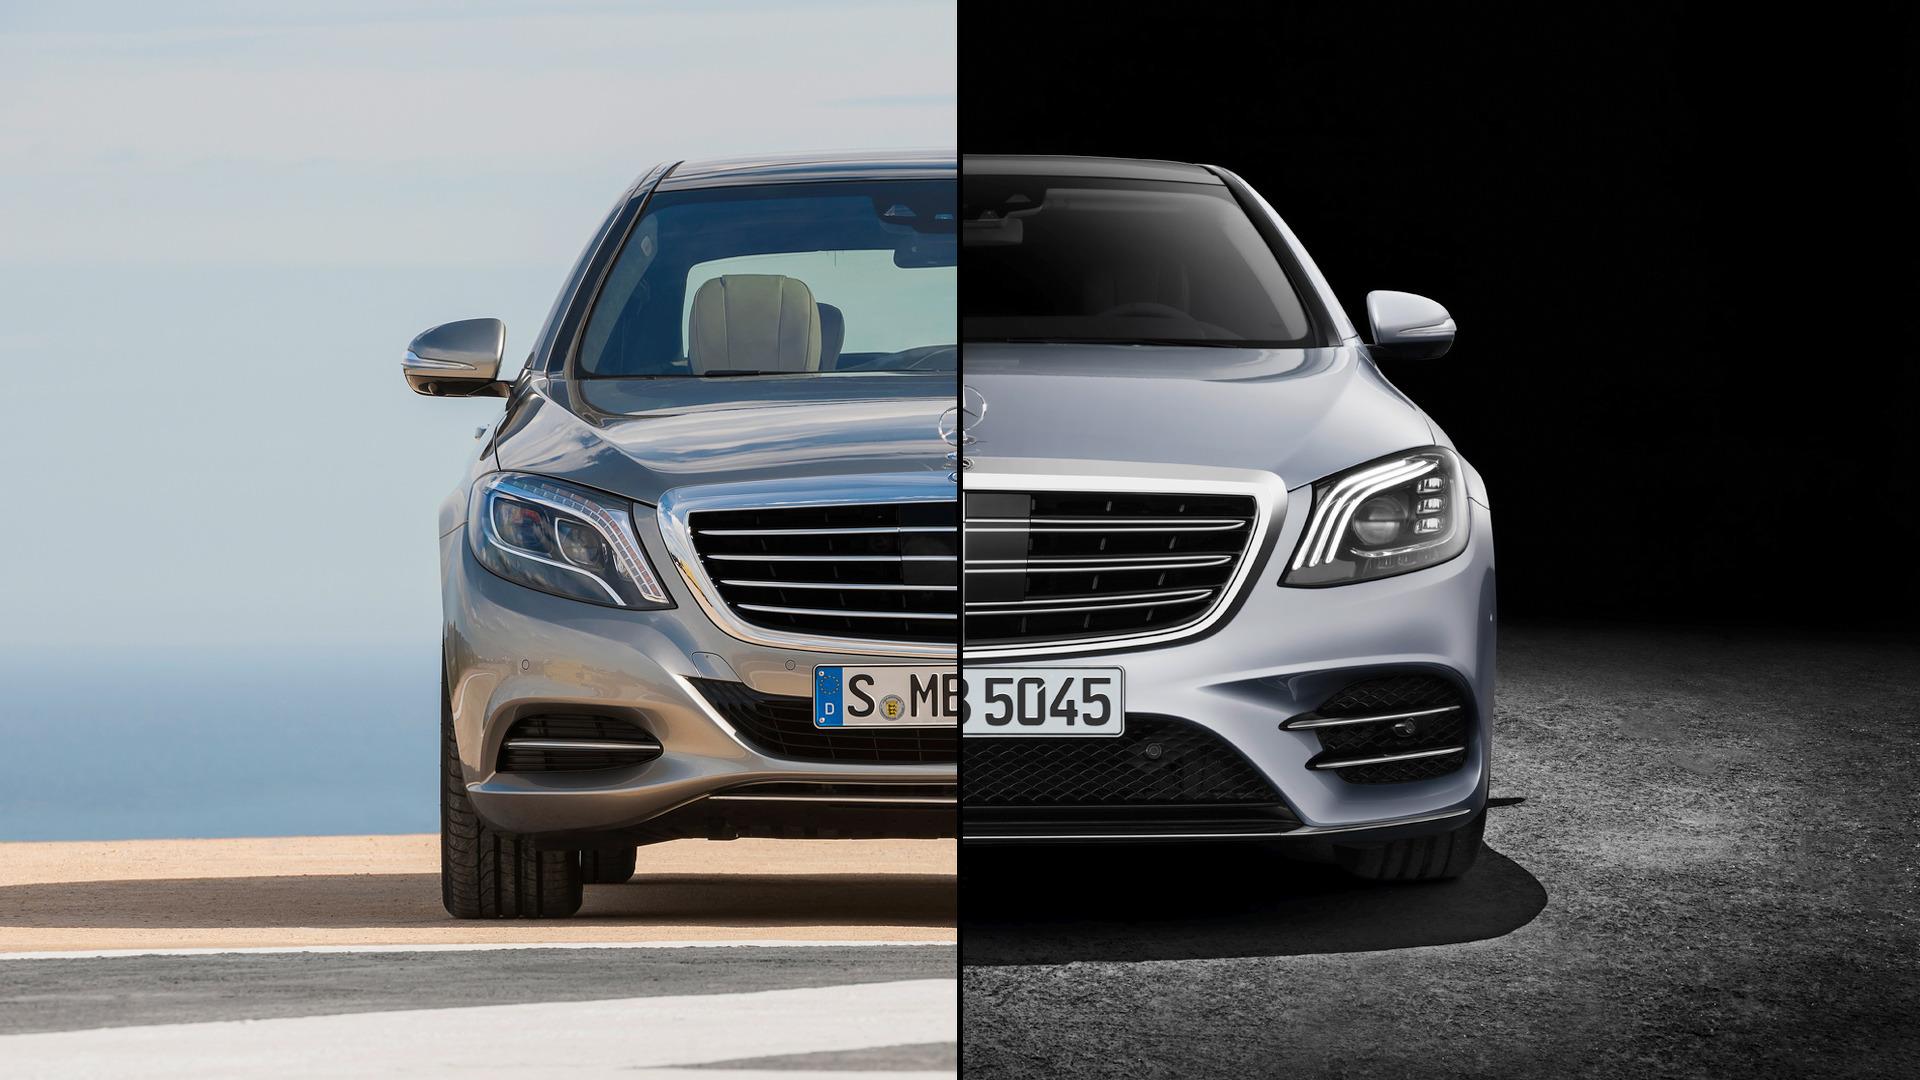 https://icdn-3.motor1.com/images/mgl/kLbNP/s1/2014-versus-2018-mercedes-benz-s-class.jpg